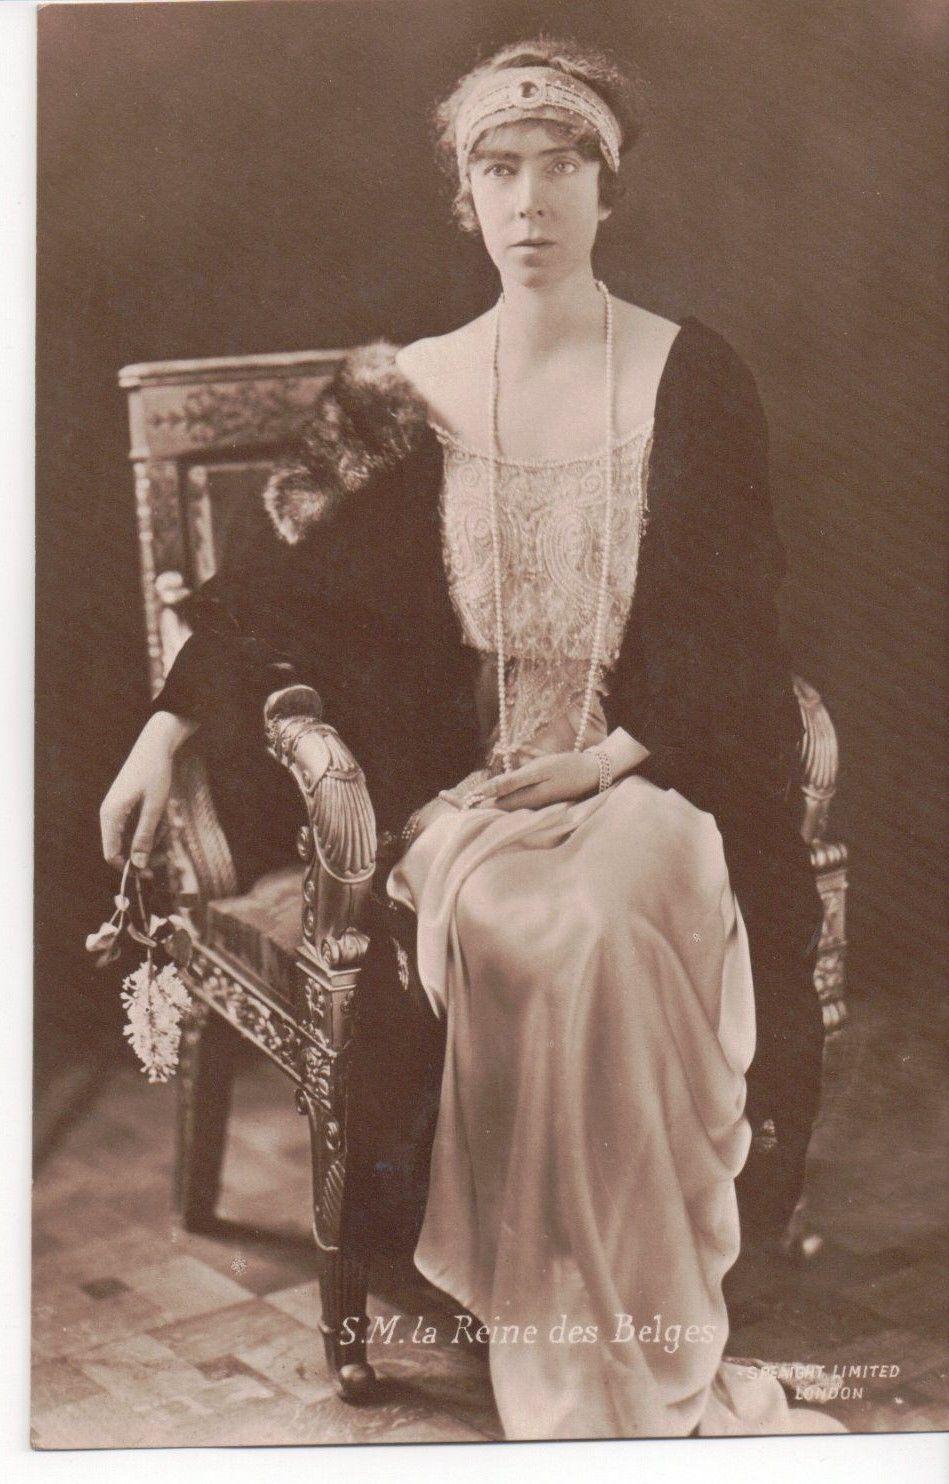 Queen Elizabeth of Belgium